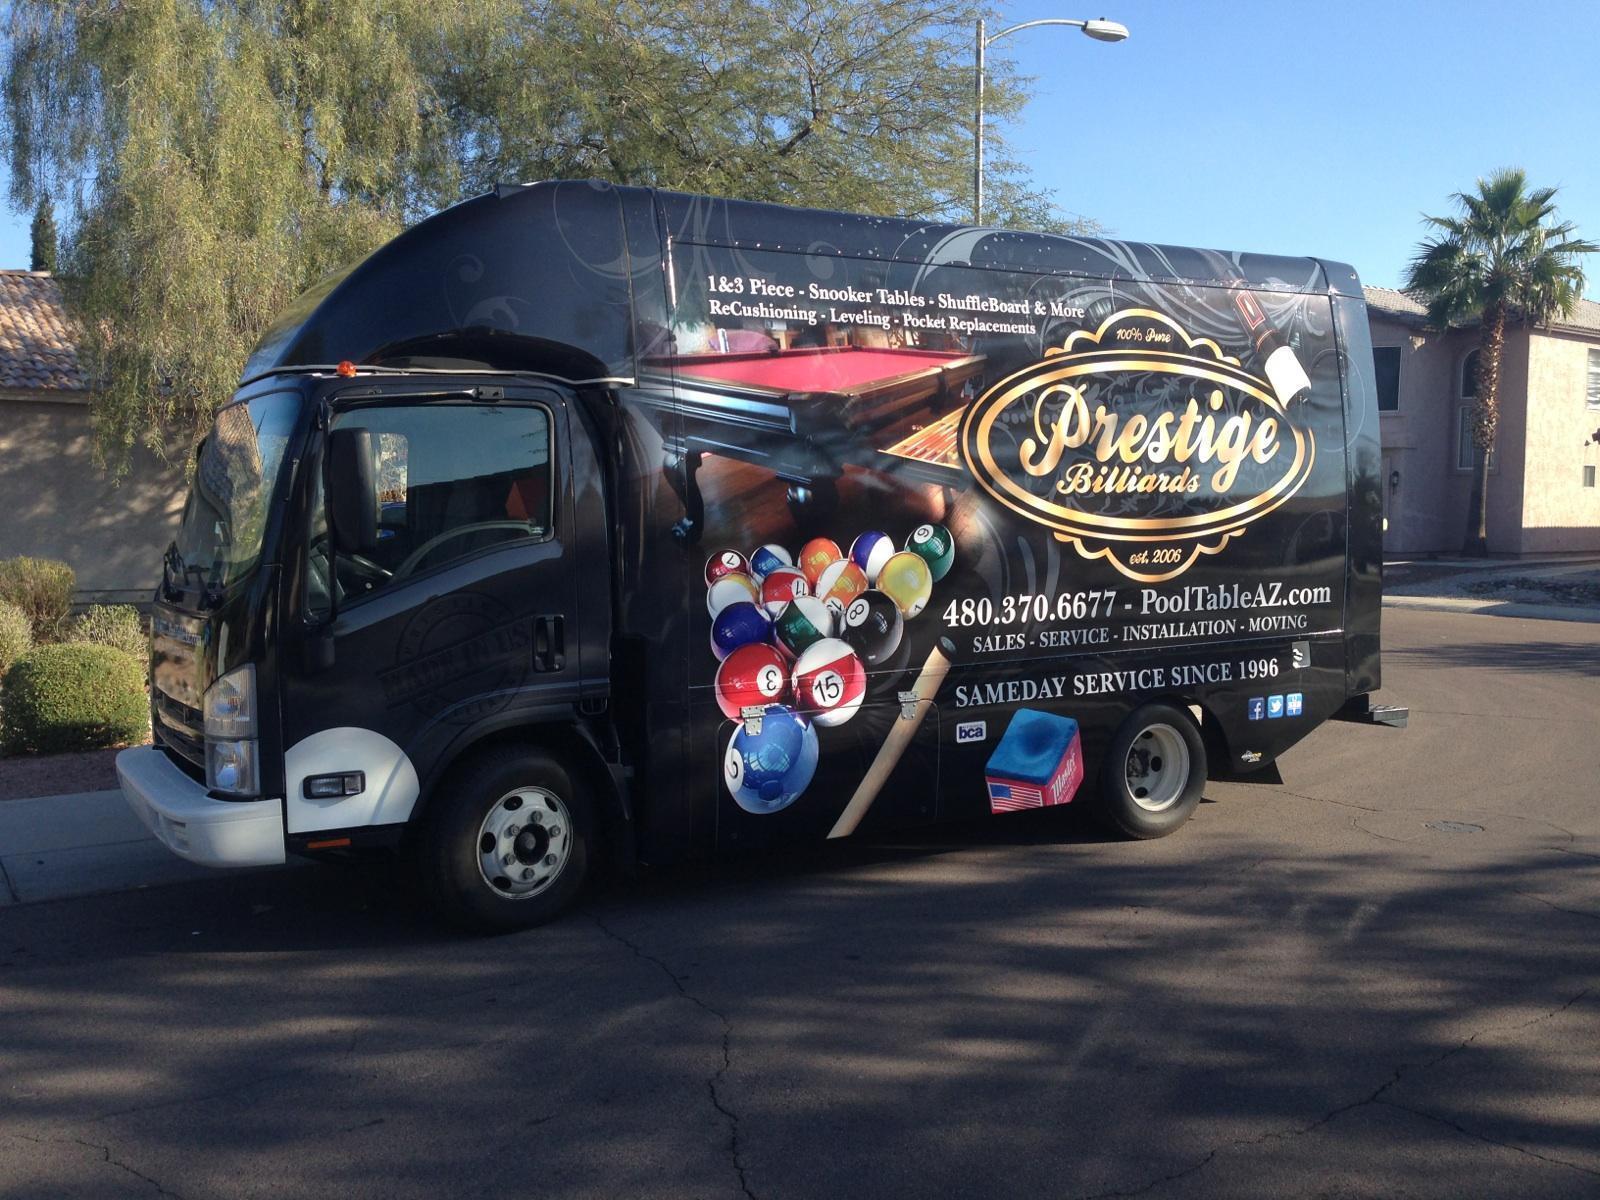 2011 isuzu npr ecomax 14ft. Box truck, work van